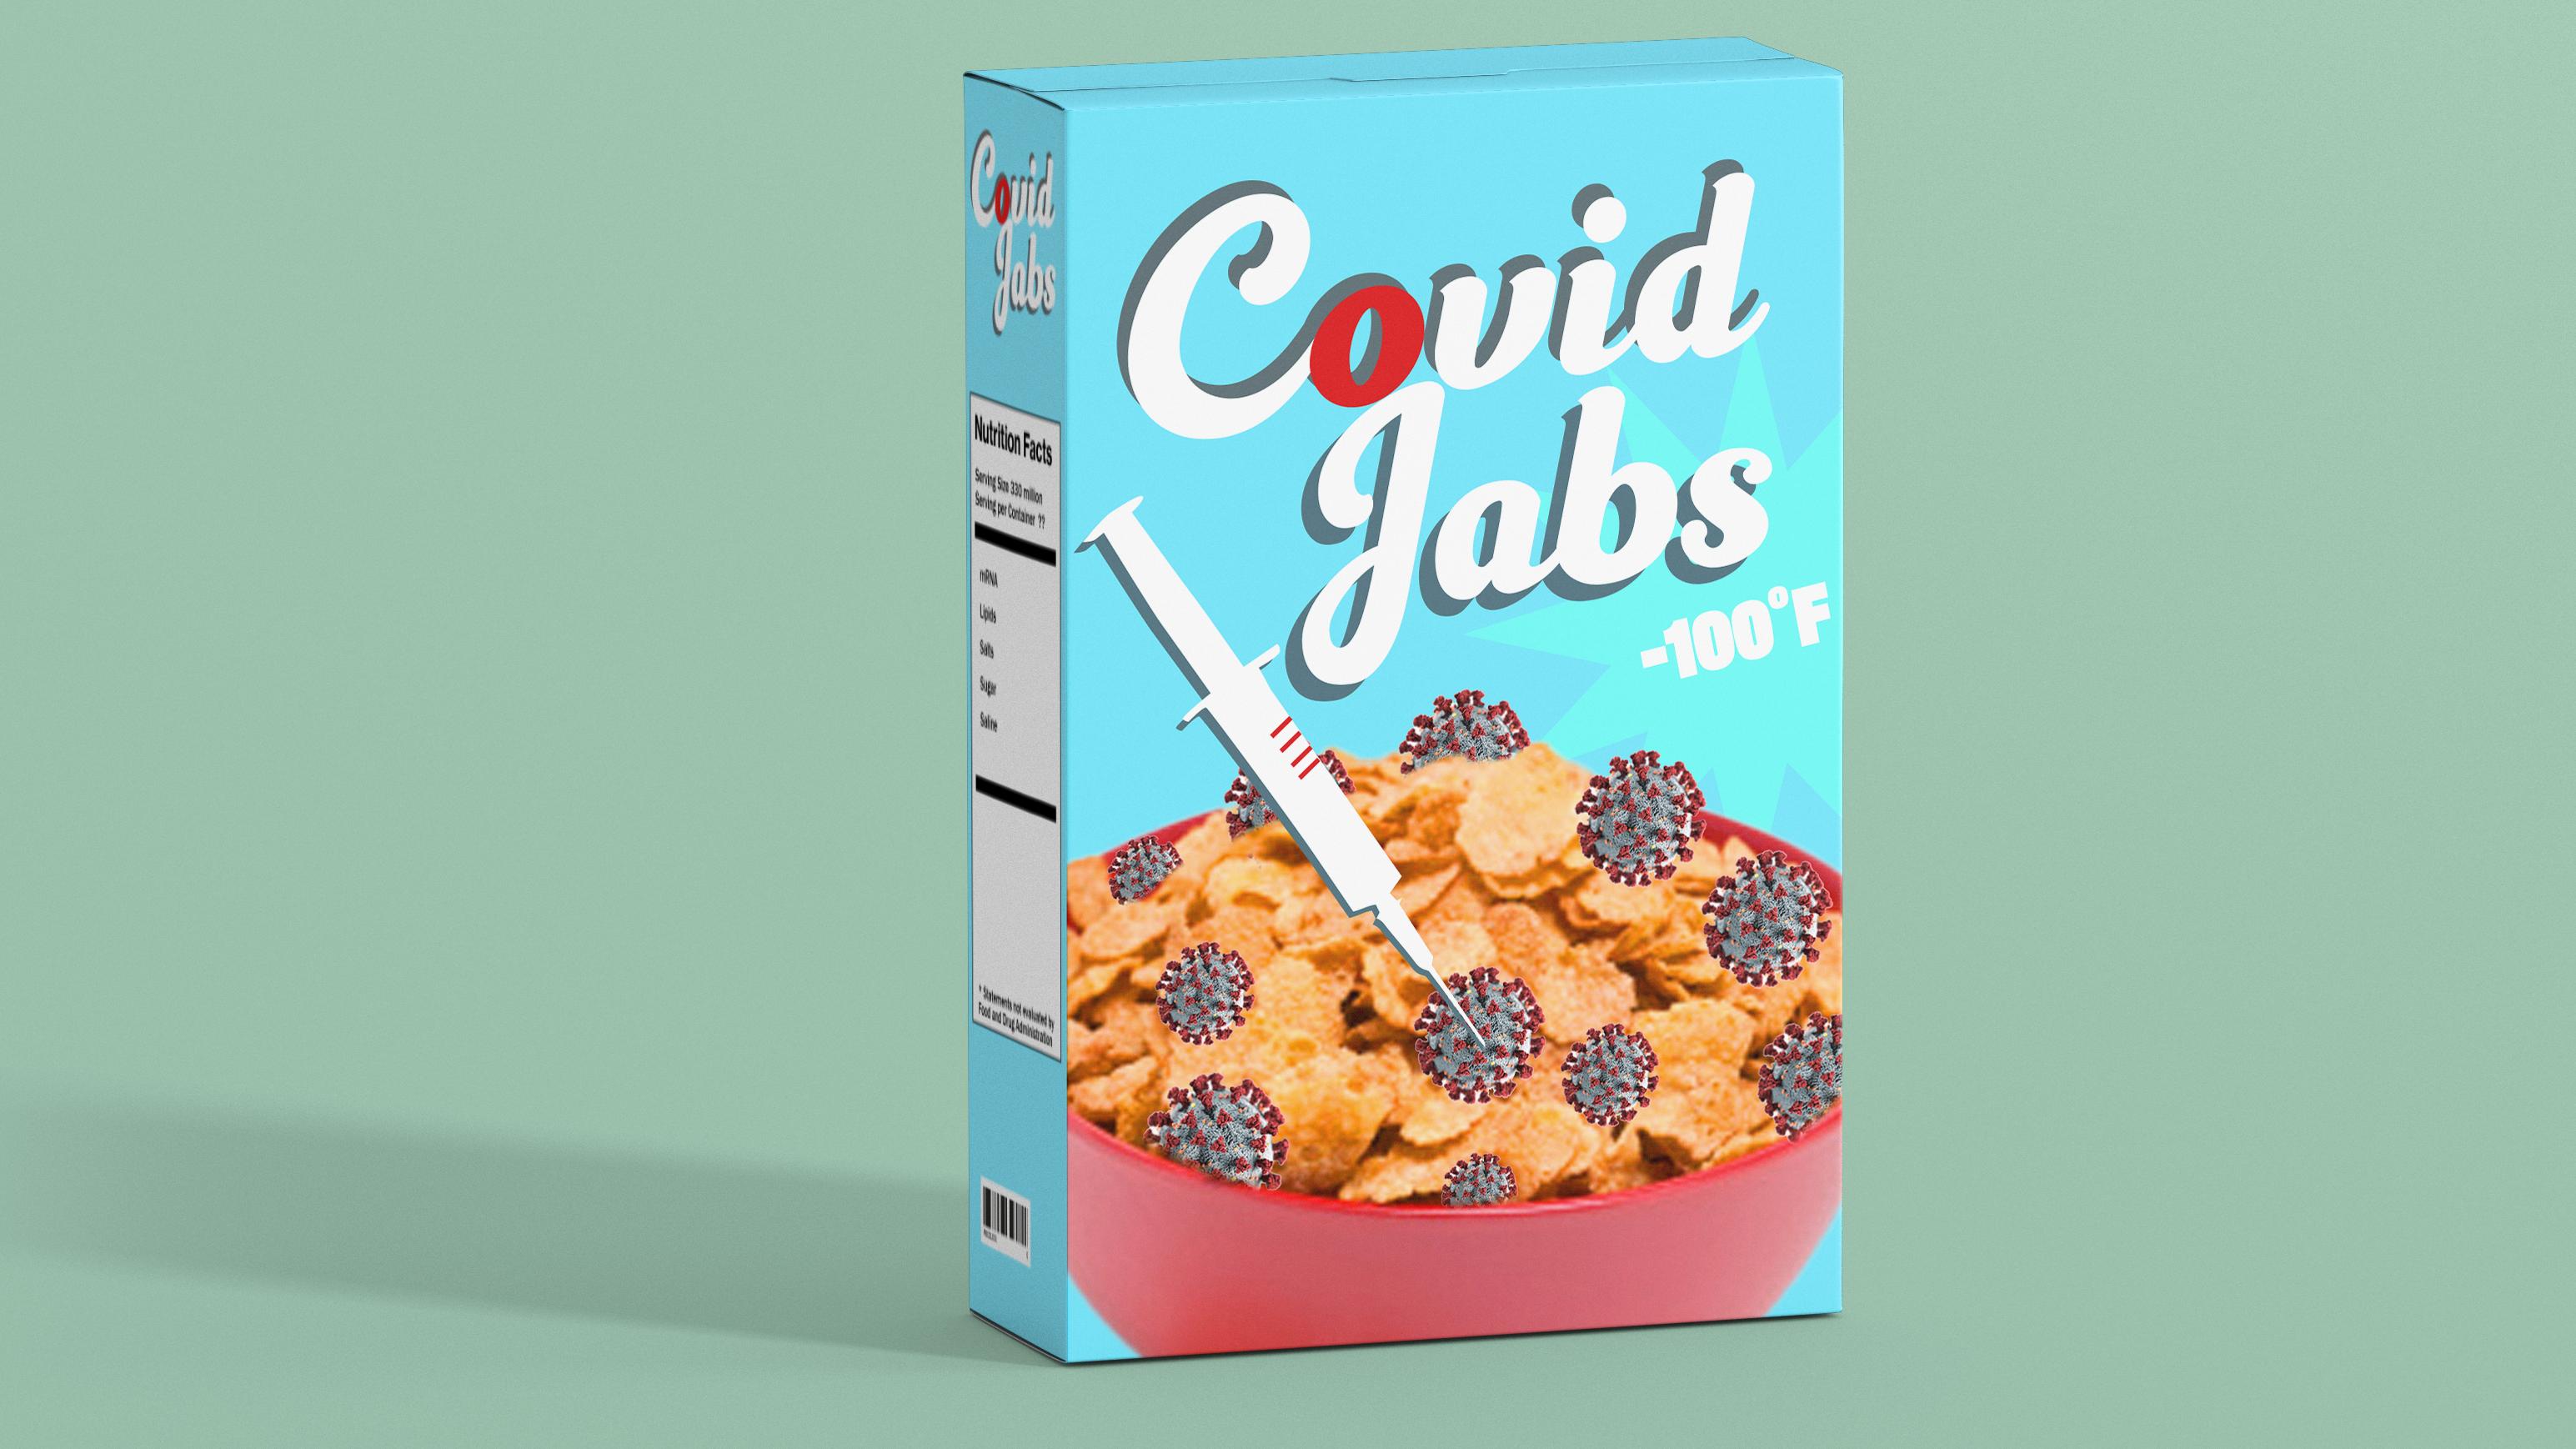 covid jabs cereal illo